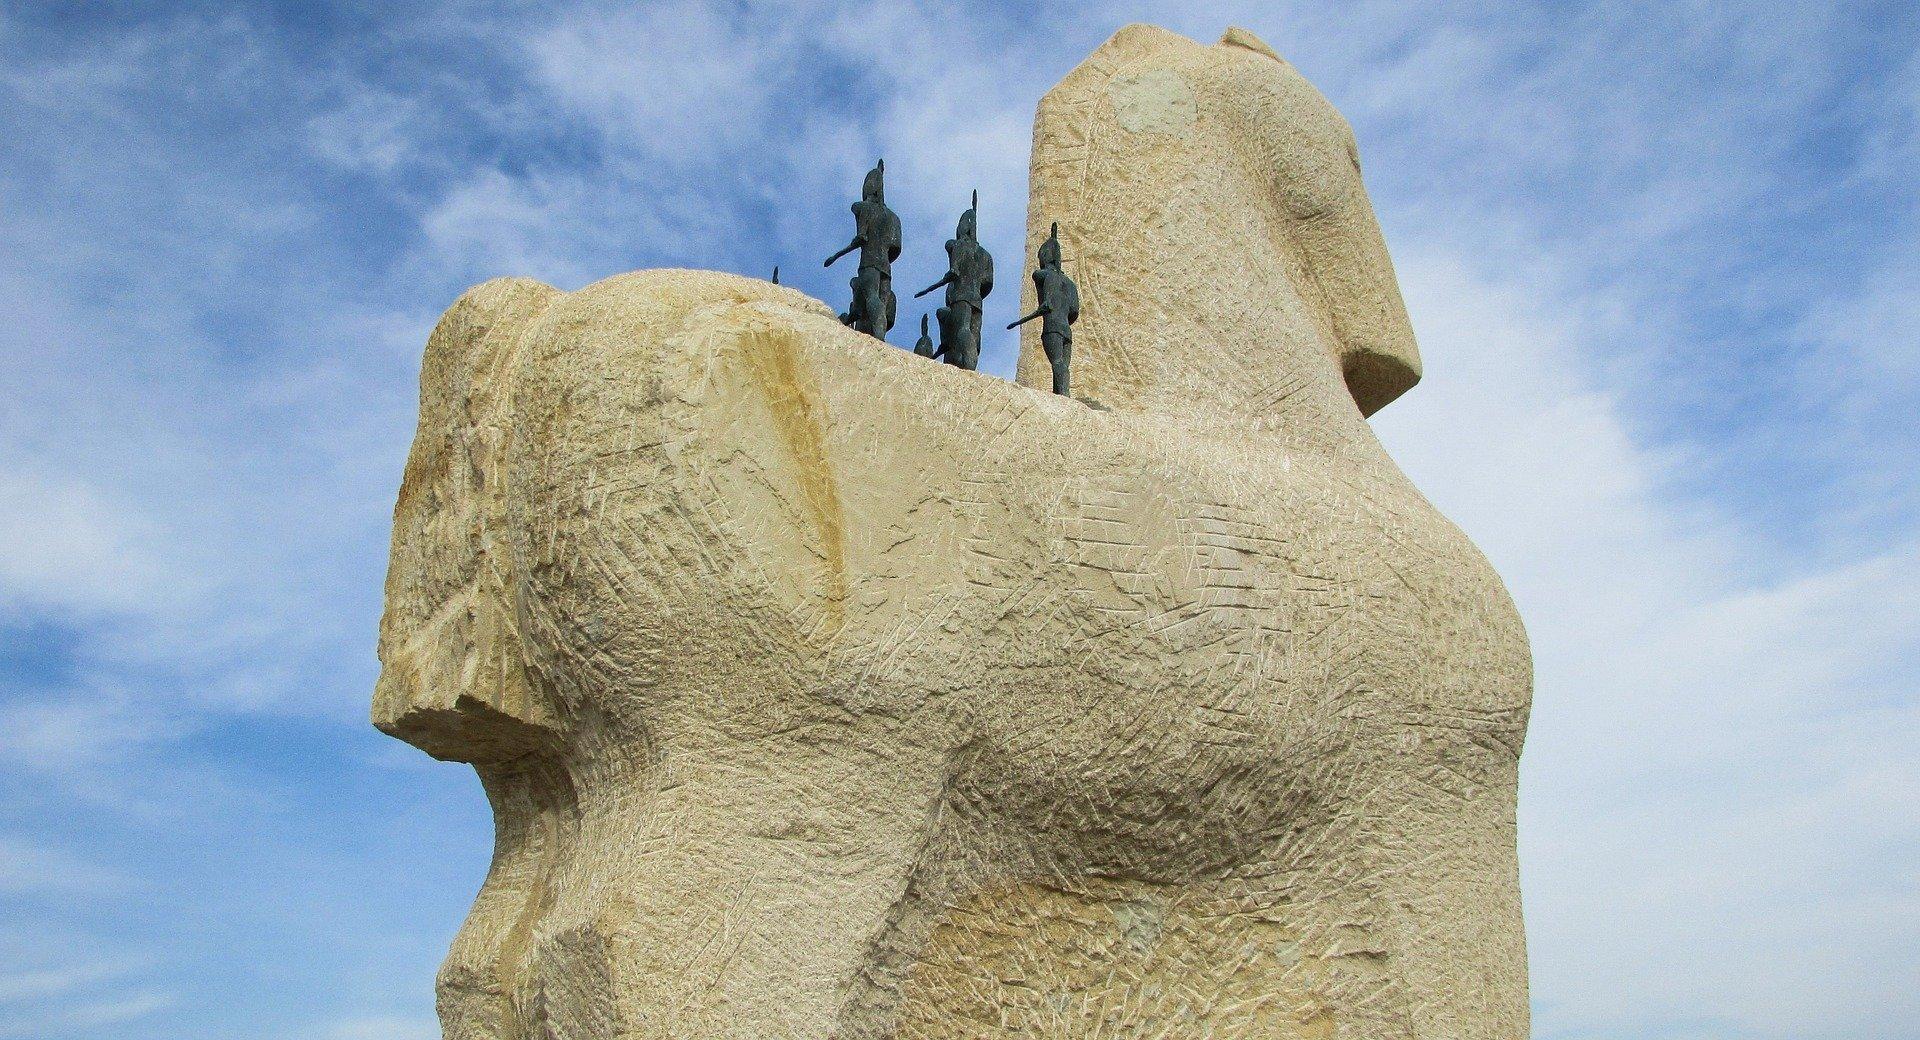 Scopri il cavallo di Troia che ti farà vincere la guerra del settore meccanico